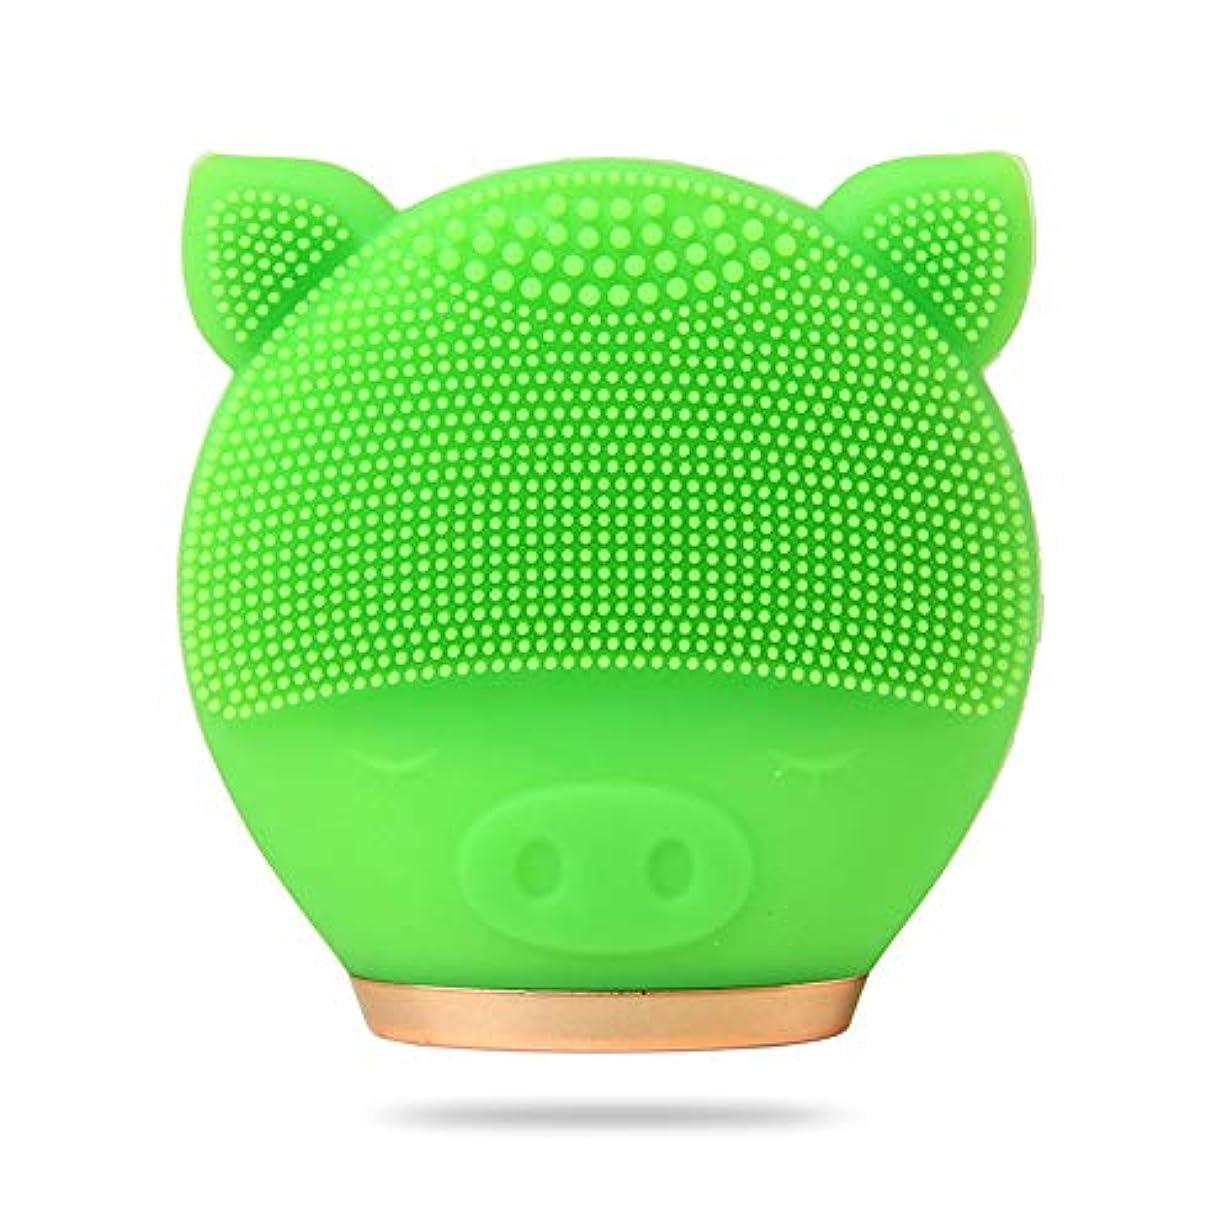 麻酔薬時々時々マイルストーンZXF 新しい豚モデル電気クレンジング楽器シリコーン超音波振動洗浄顔顔毛穴クリーナー美容器具 滑らかである (色 : Green)